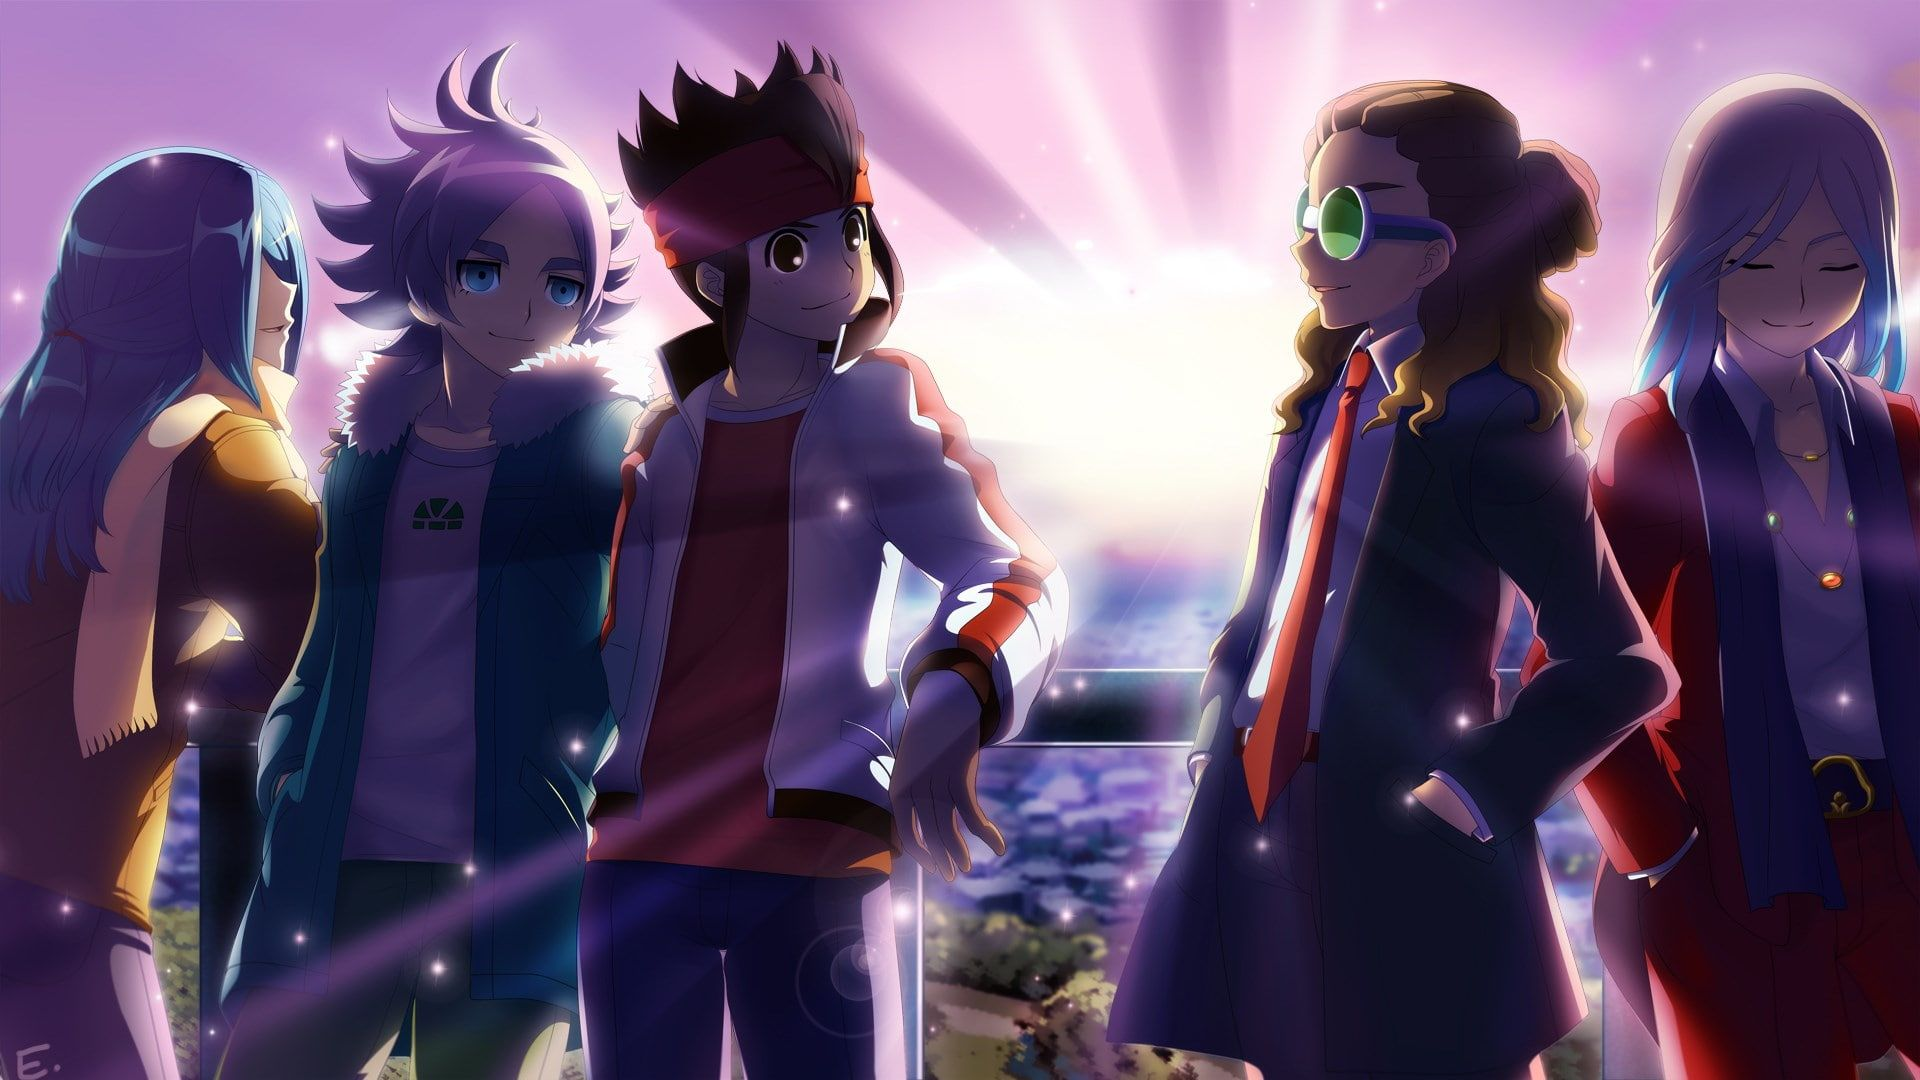 Inazuma Eleven 1080p Wallpaper Hdwallpaper Desktop Anime Anime Wallpaper Hd Wallpaper